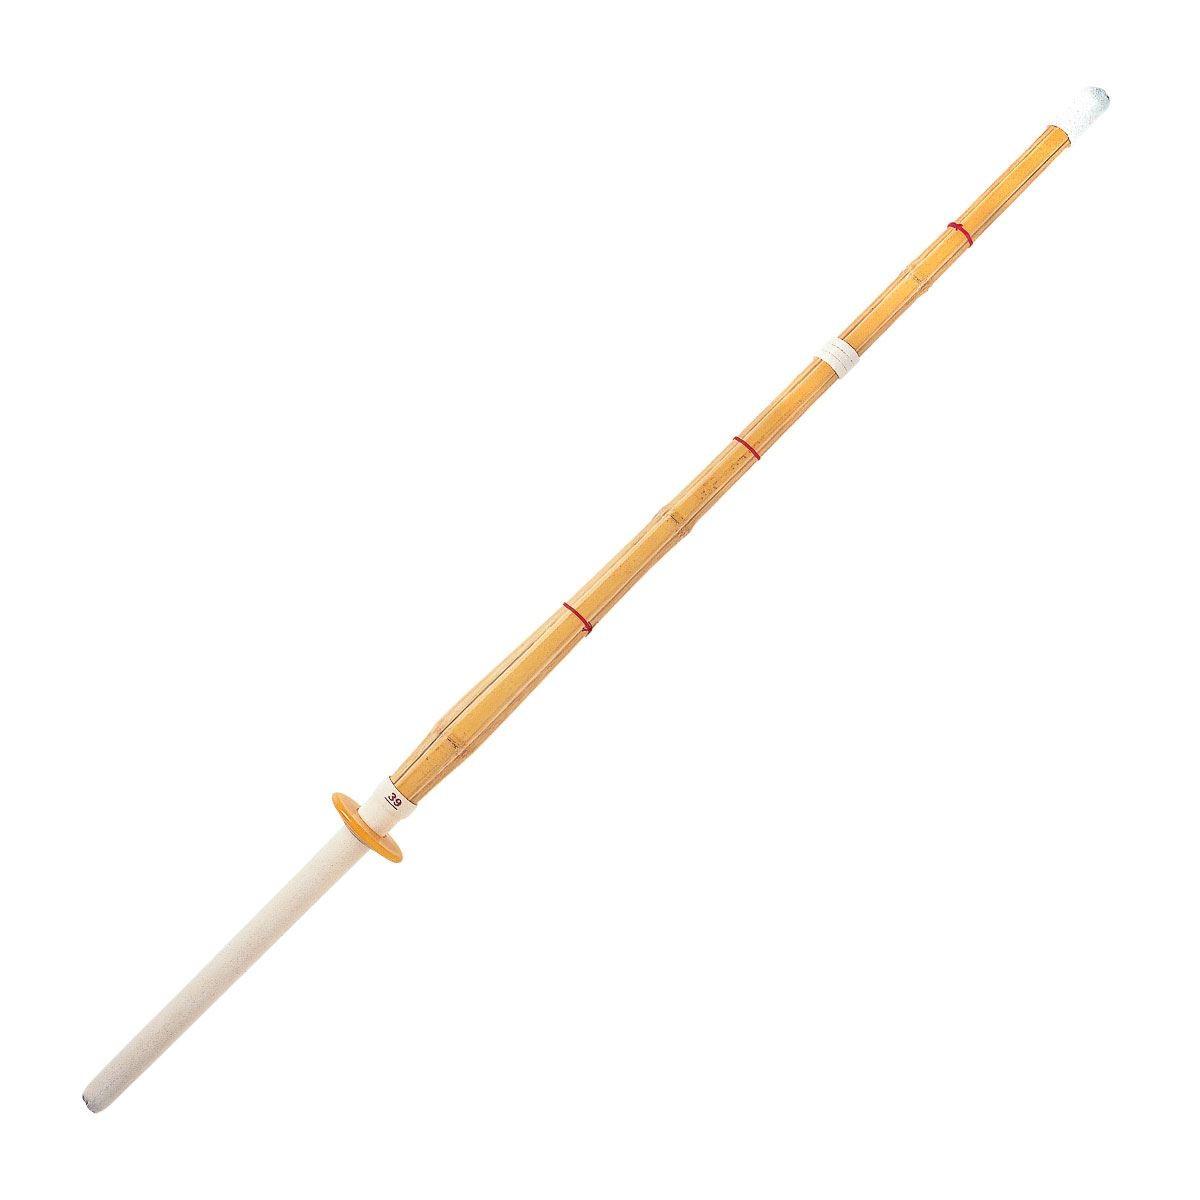 Kendo Shinai Sword